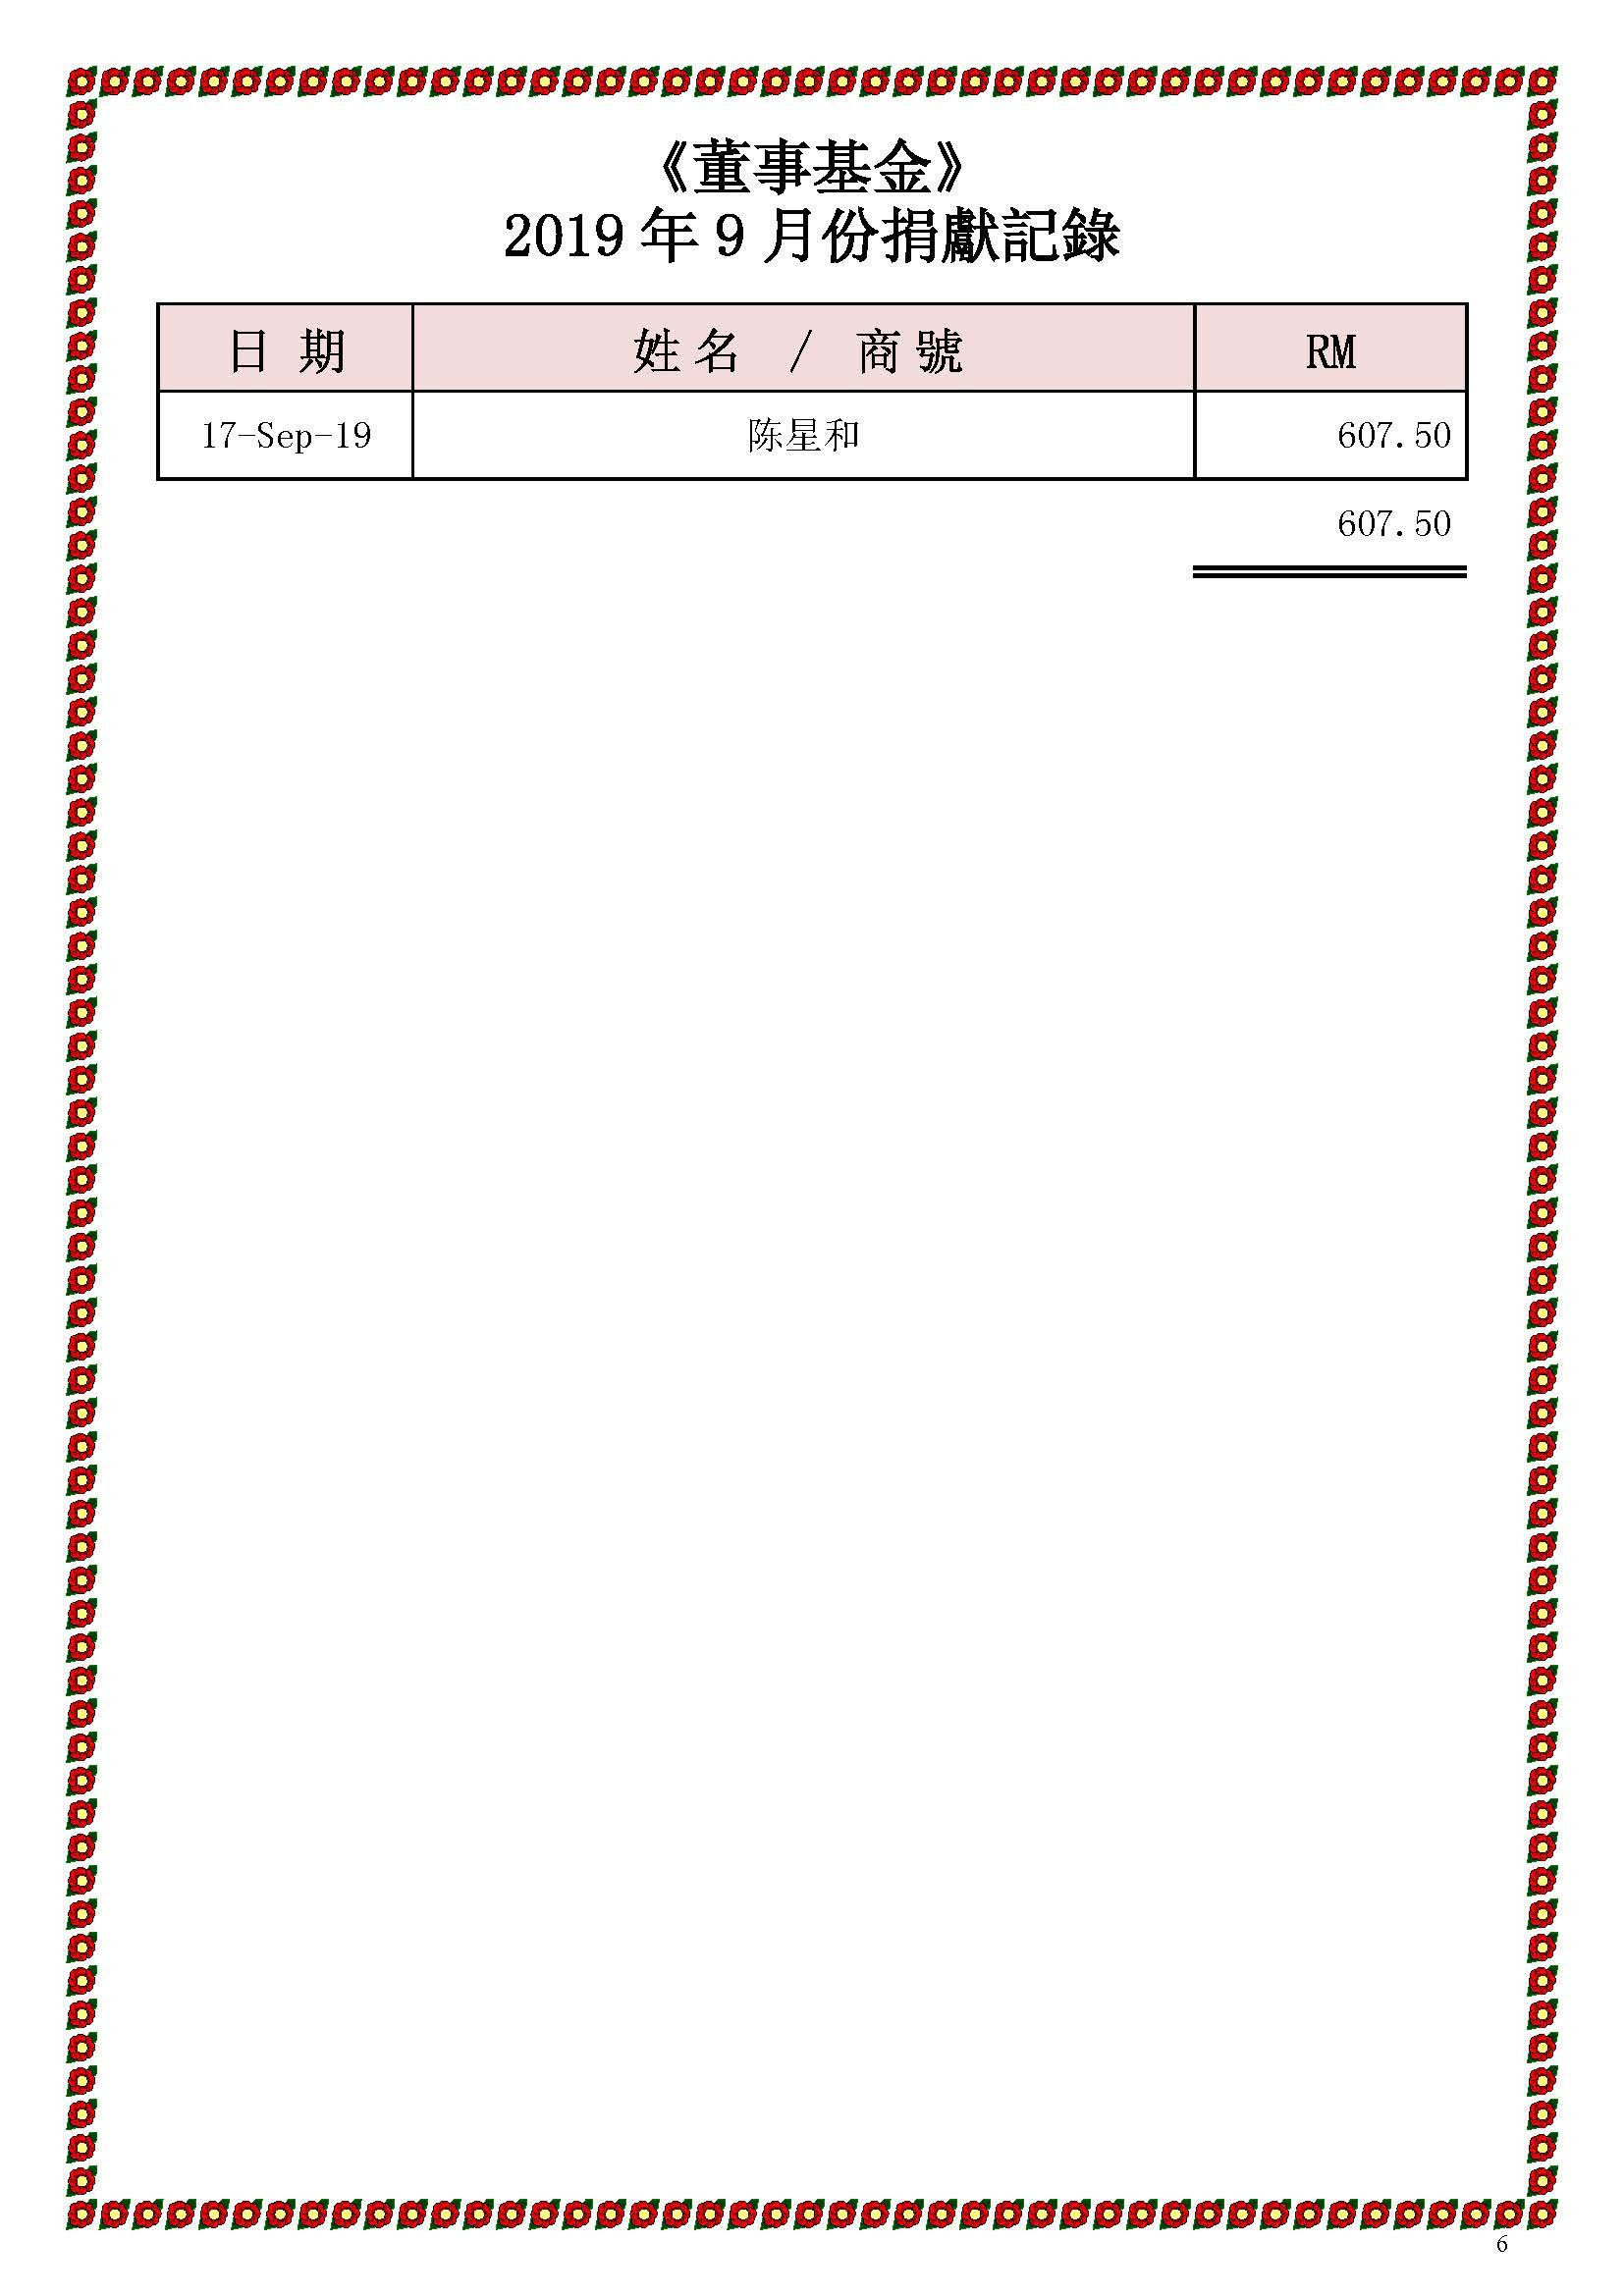 2019年9月份捐獻記錄-修改后_Page_6